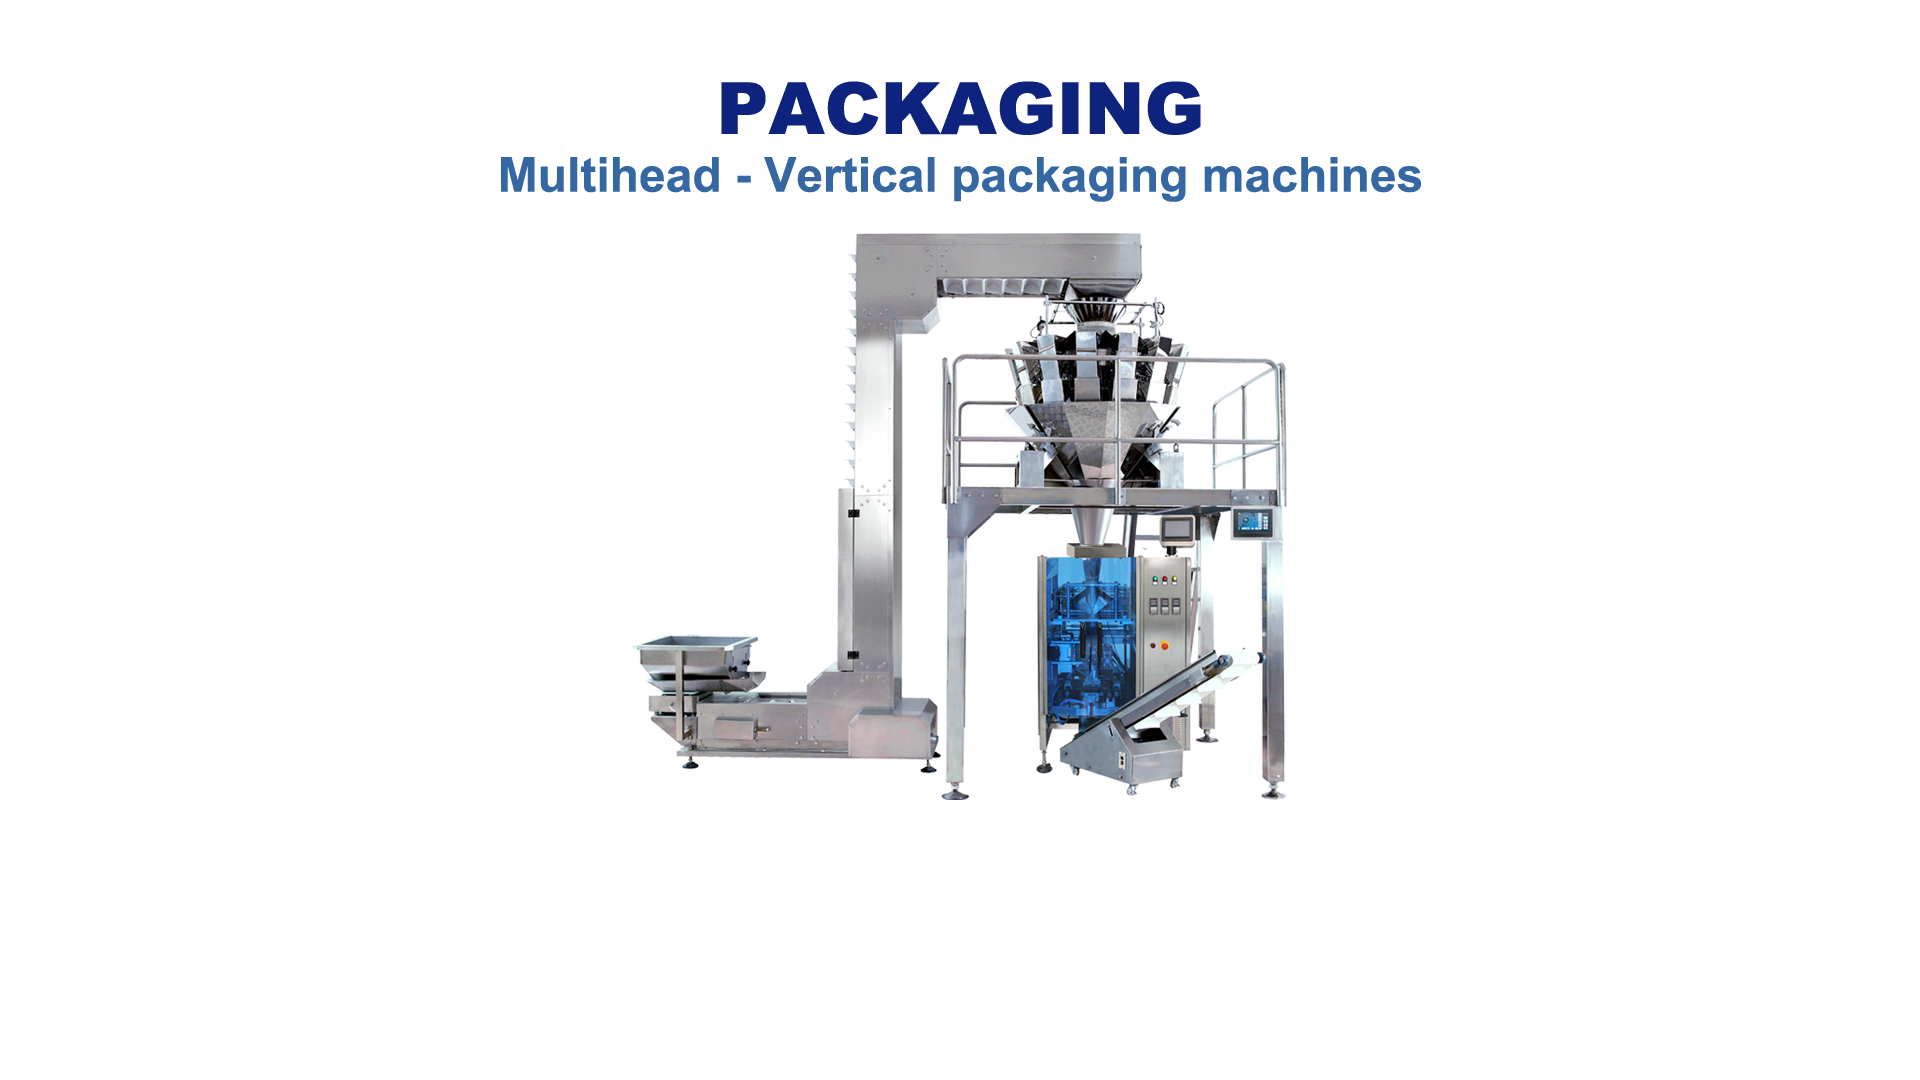 packaging-multihead-vertical-packaging-machines